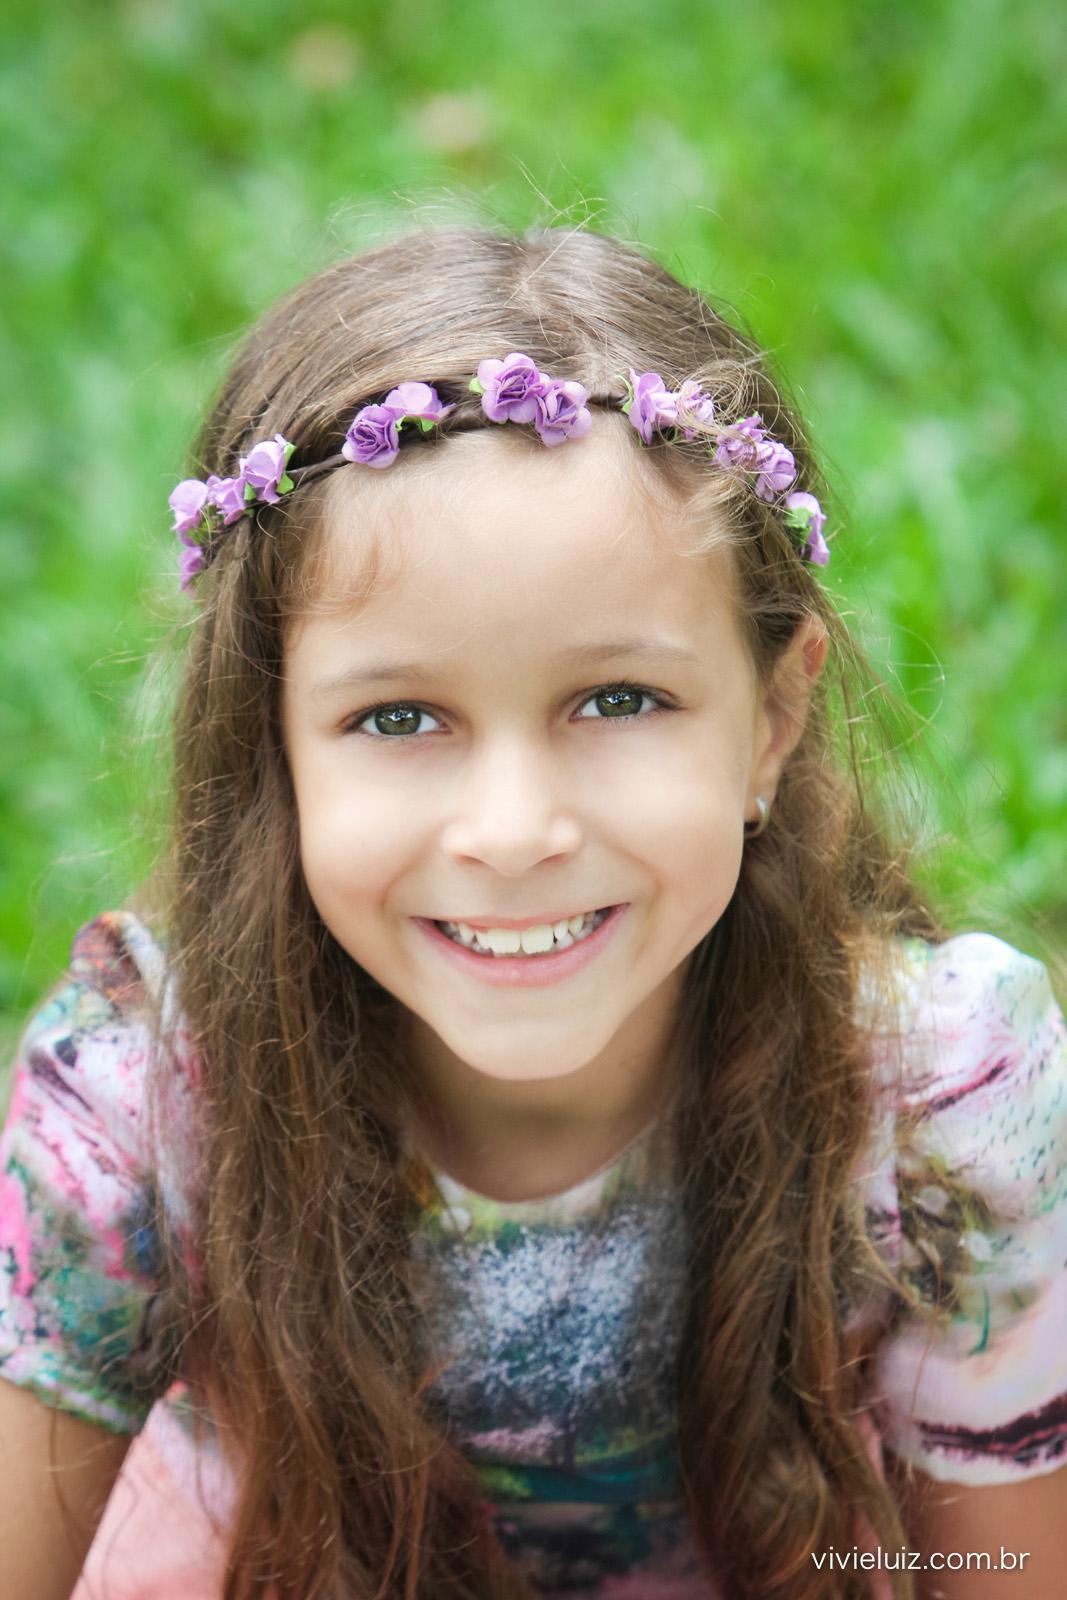 menina linda com tiara de flores